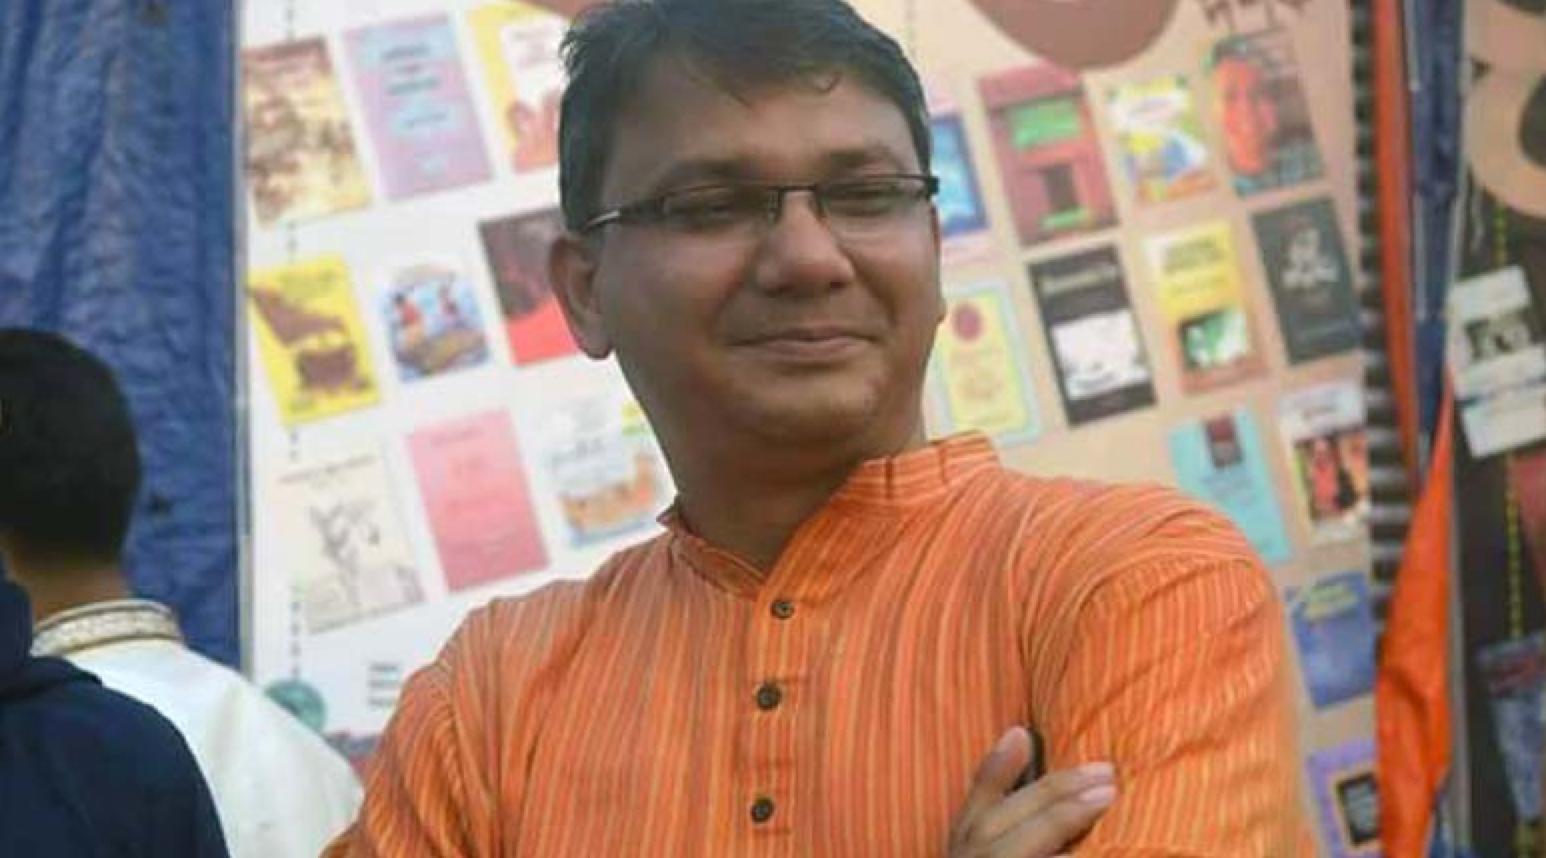 Faisal Arefin Dipan